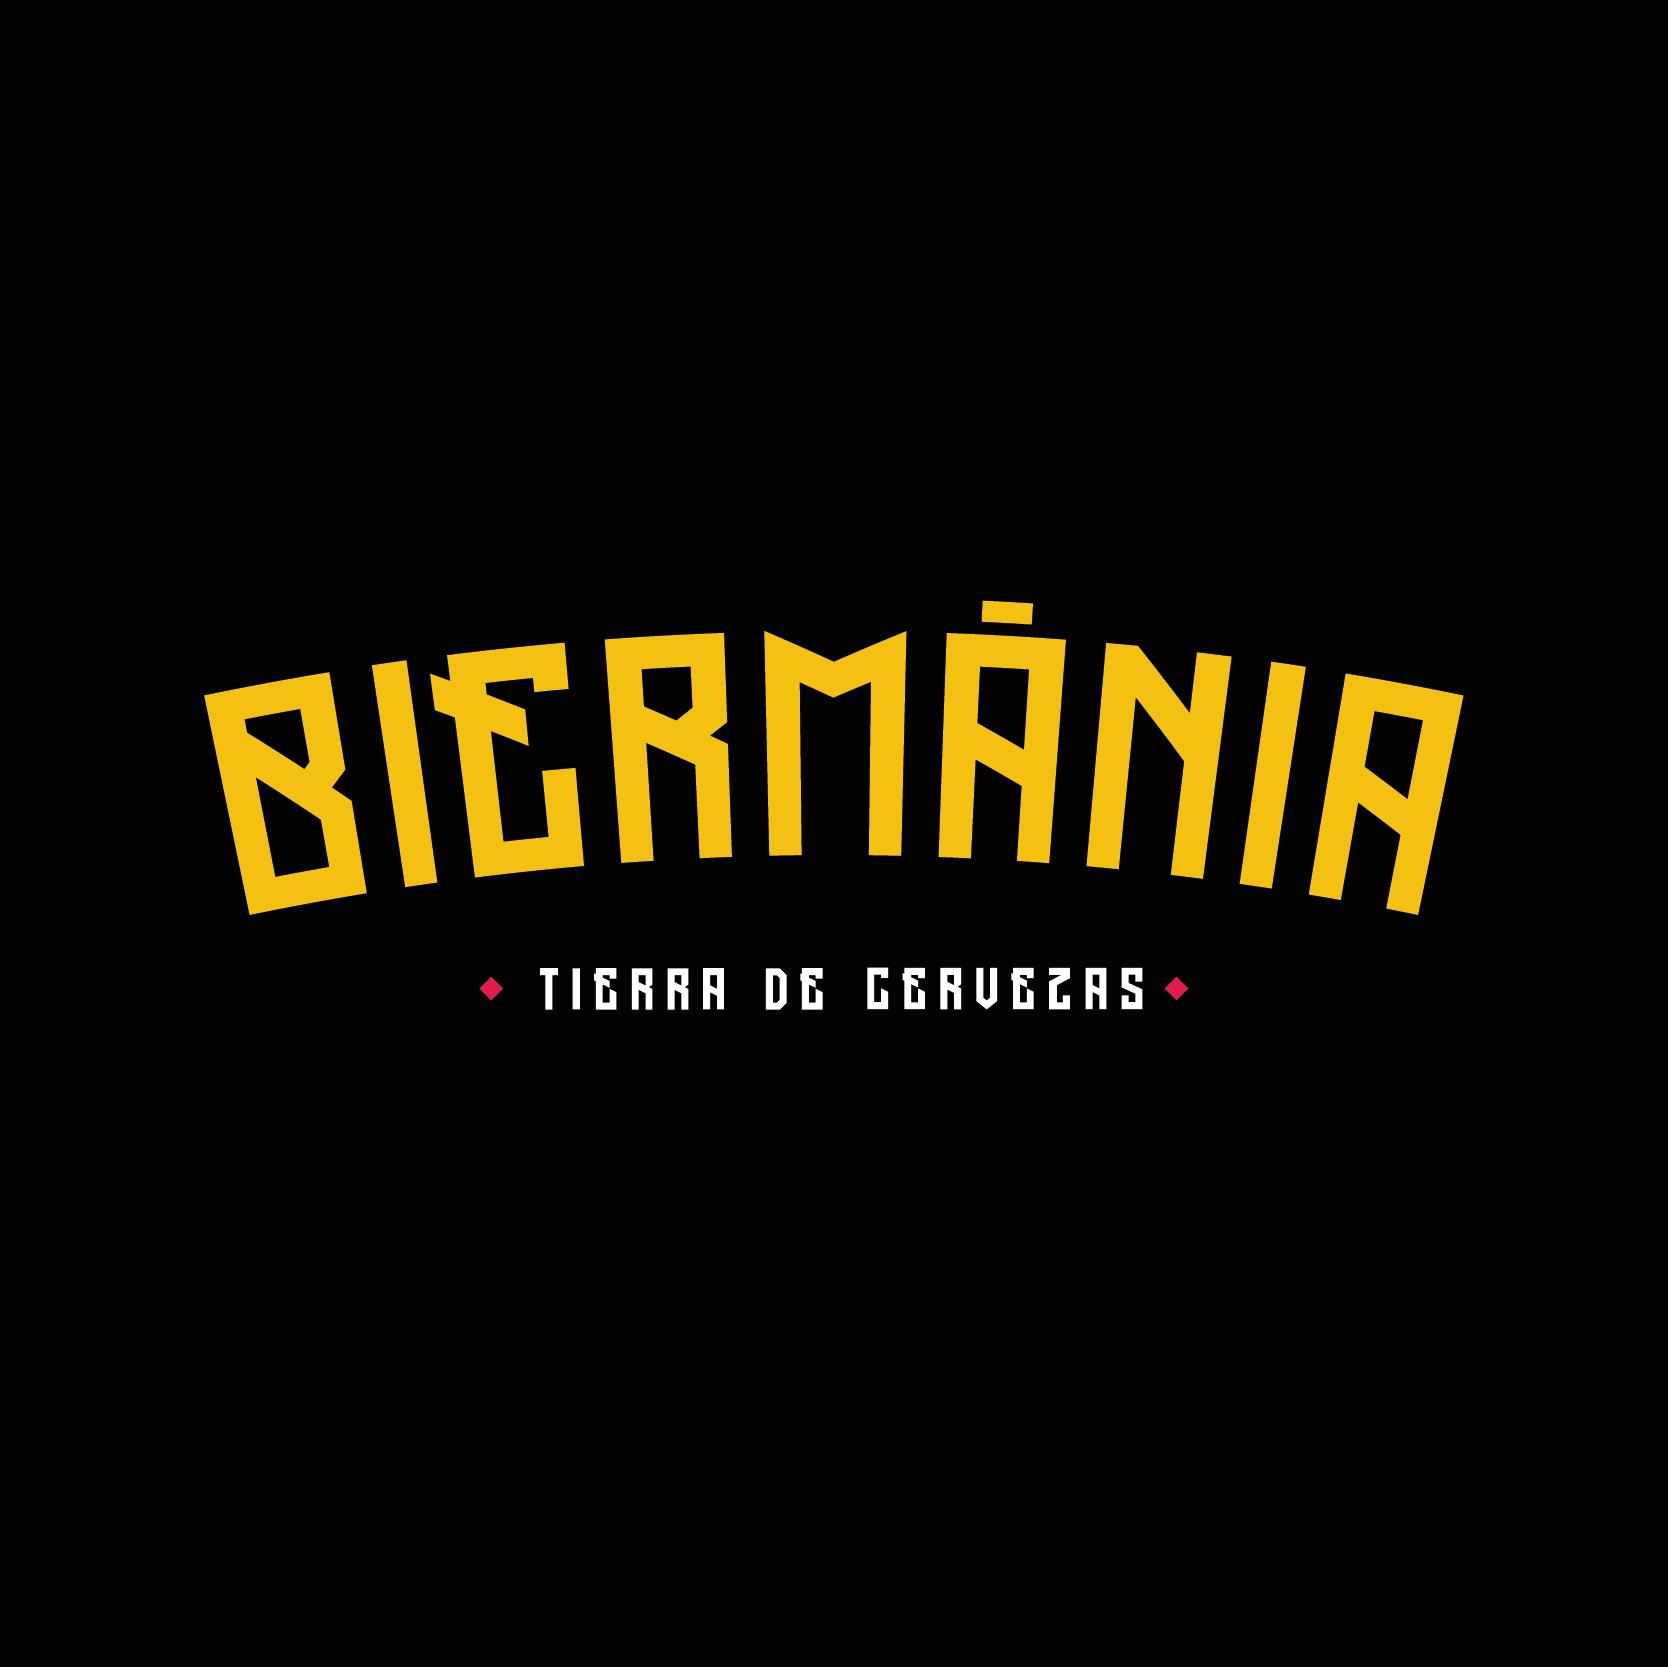 Diseño Logotipo de Biermánia